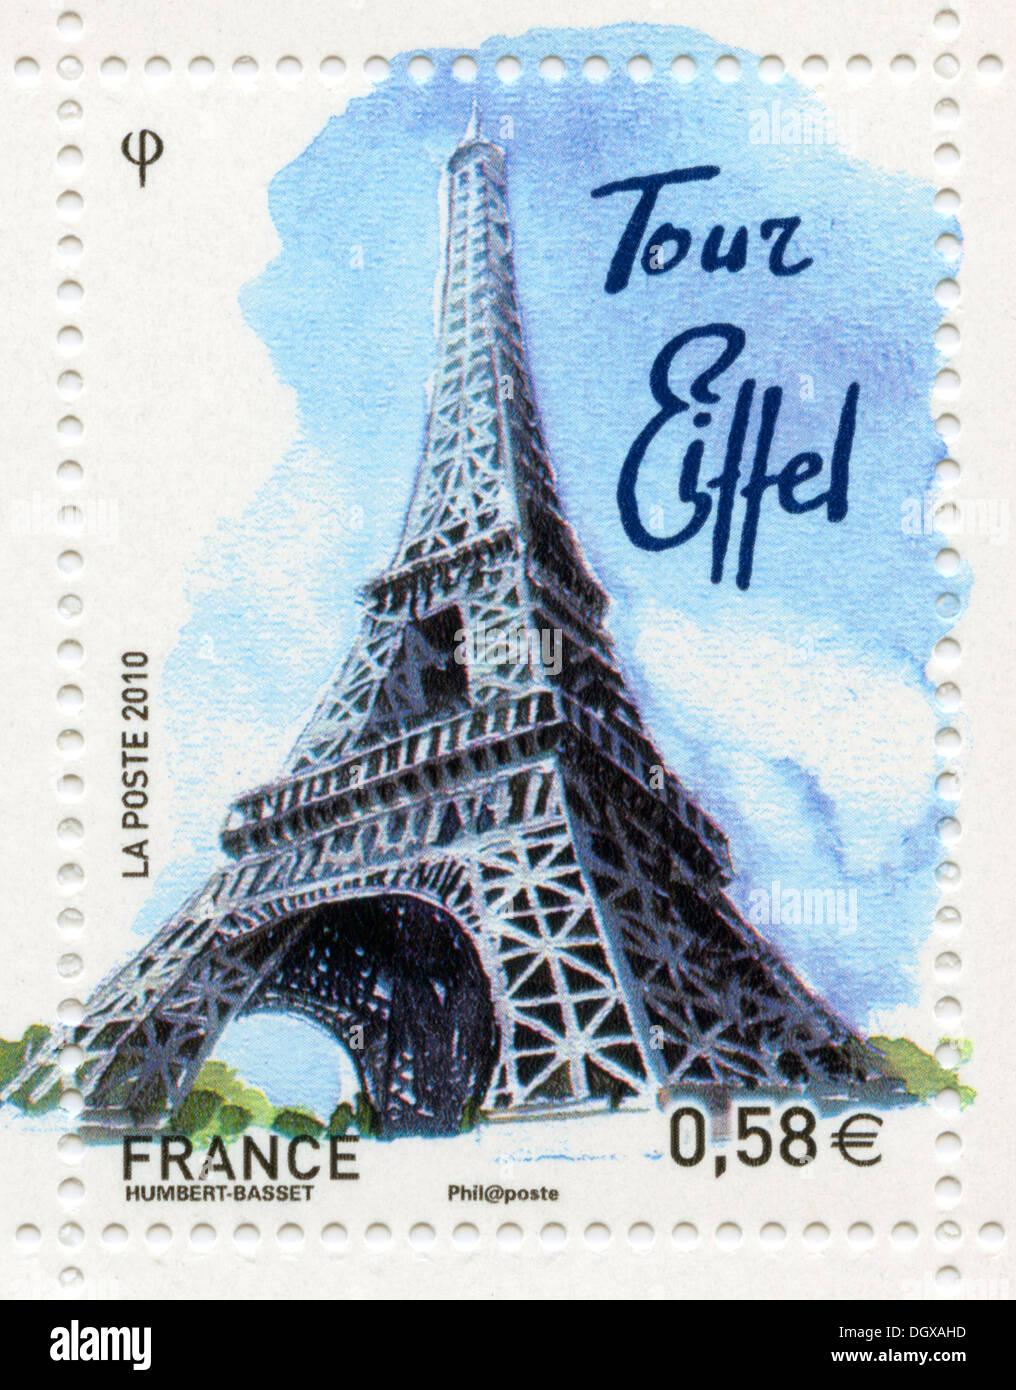 Paris La Tour Eiffel Stamp